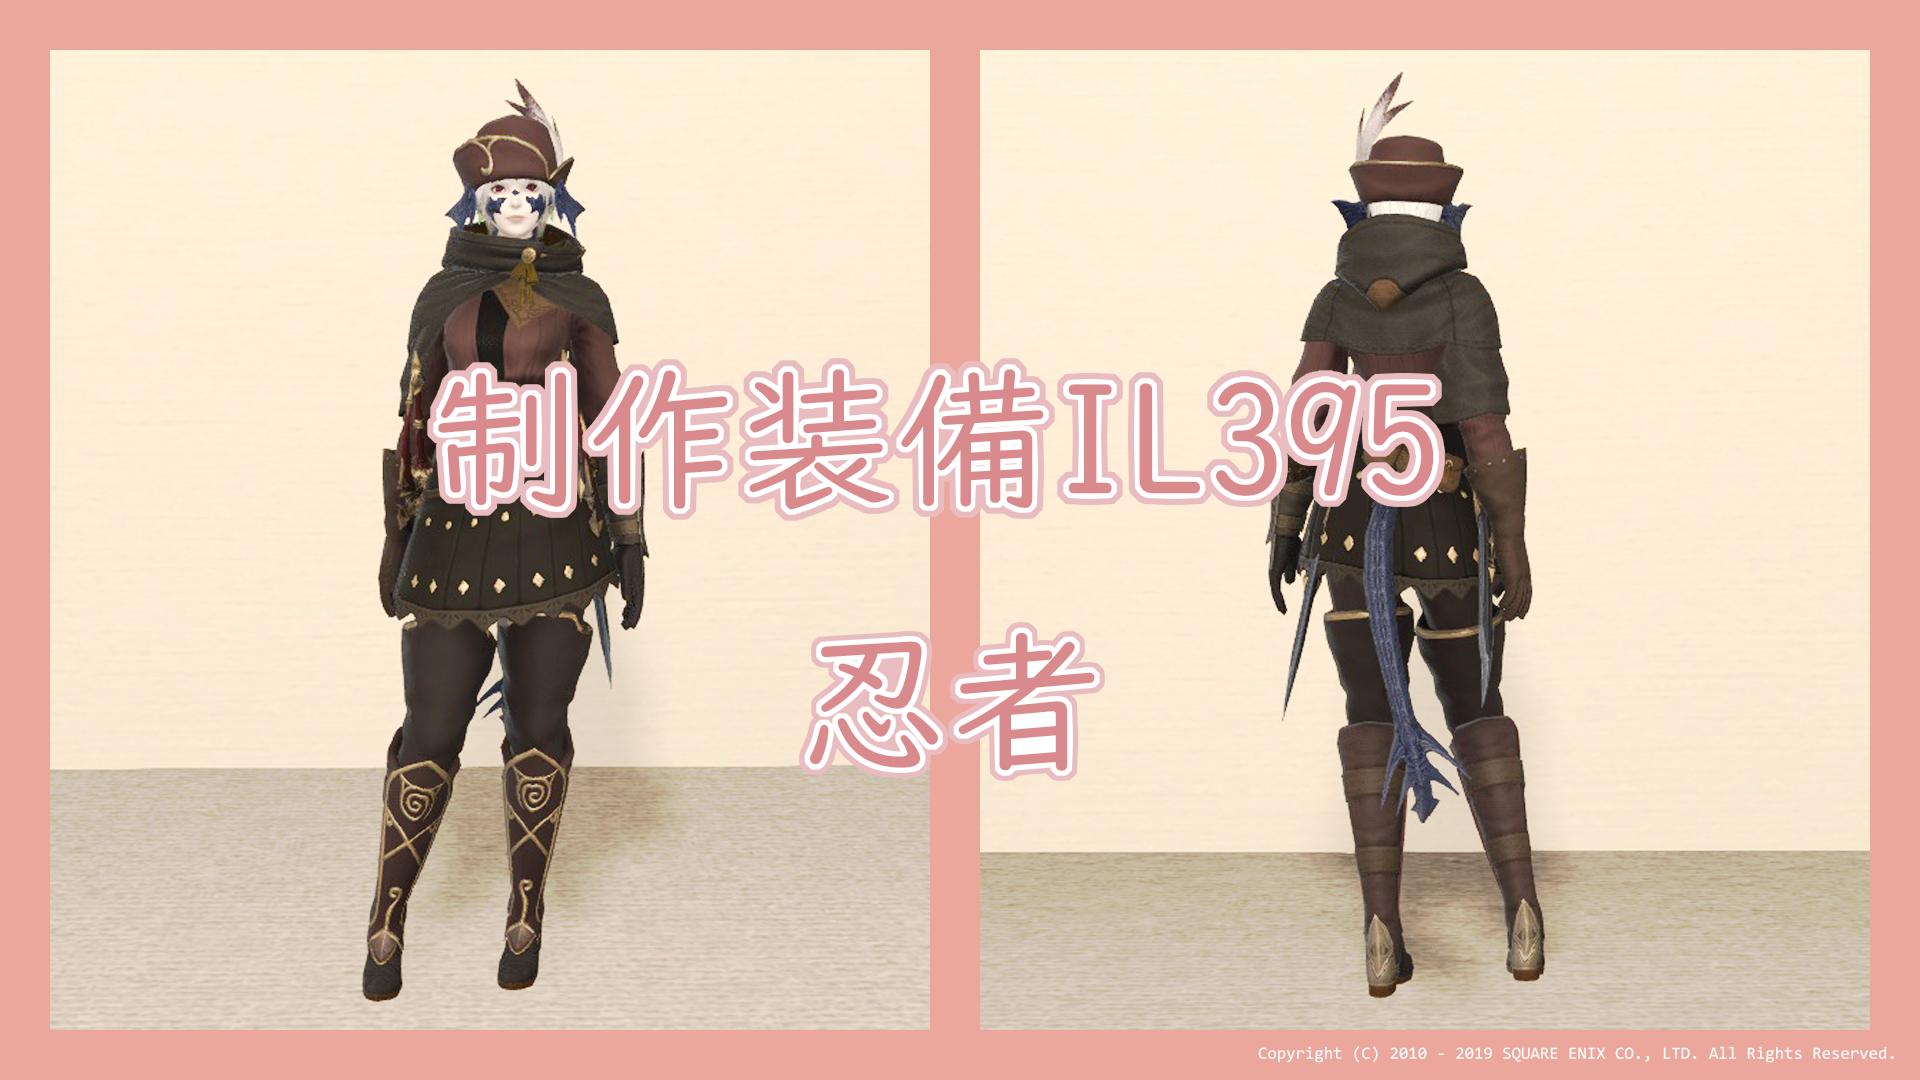 【FF14】制作で入手できるIL395装備【忍】